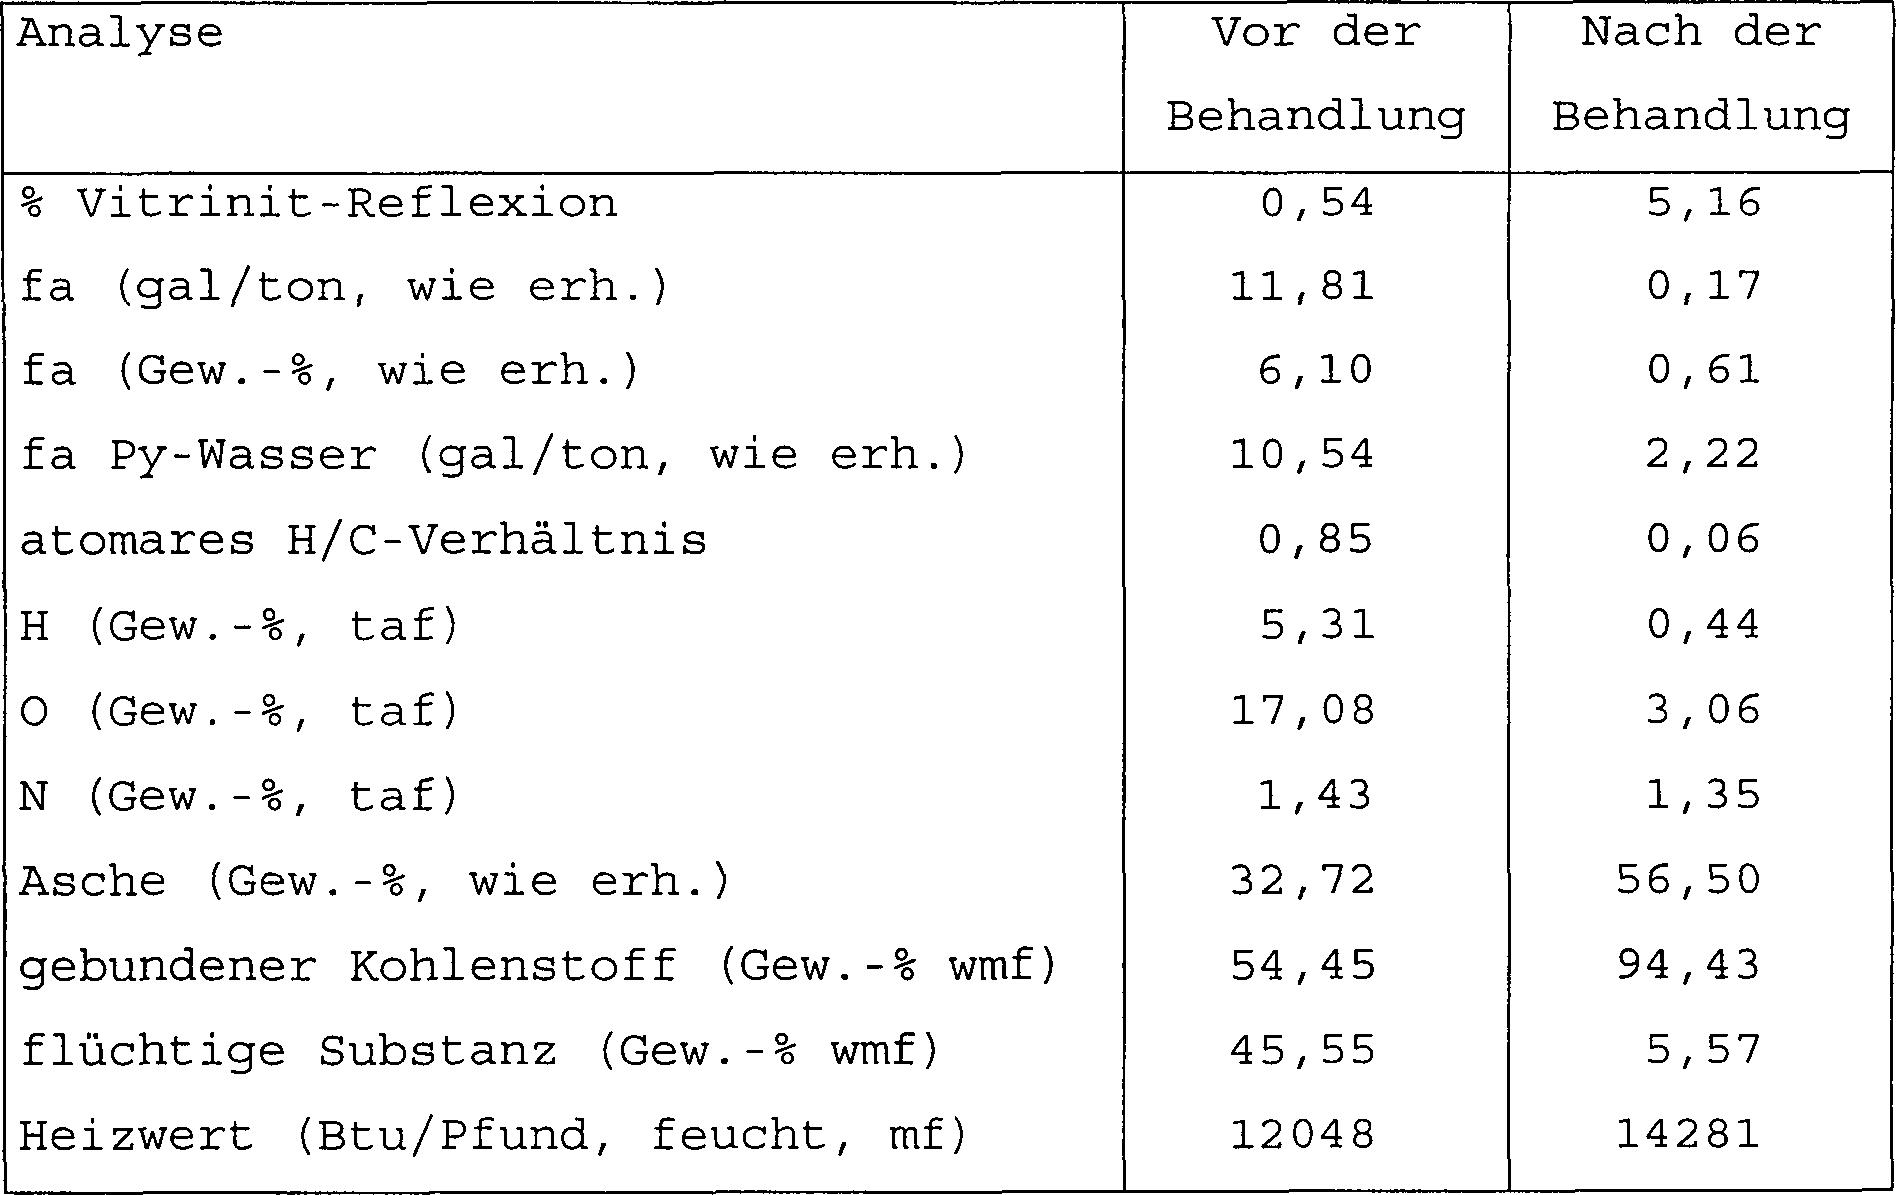 Geschwindigkeit Dating wellington 2015